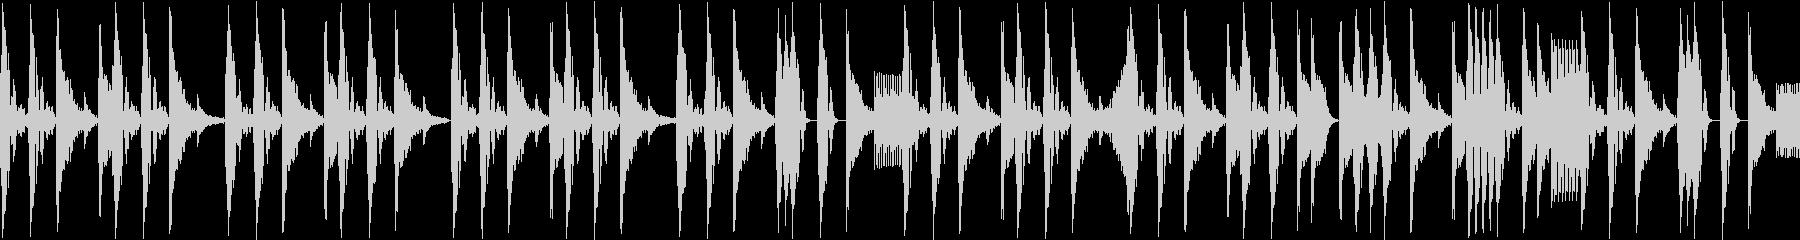 ノリの良いブレークビーツ_003の未再生の波形